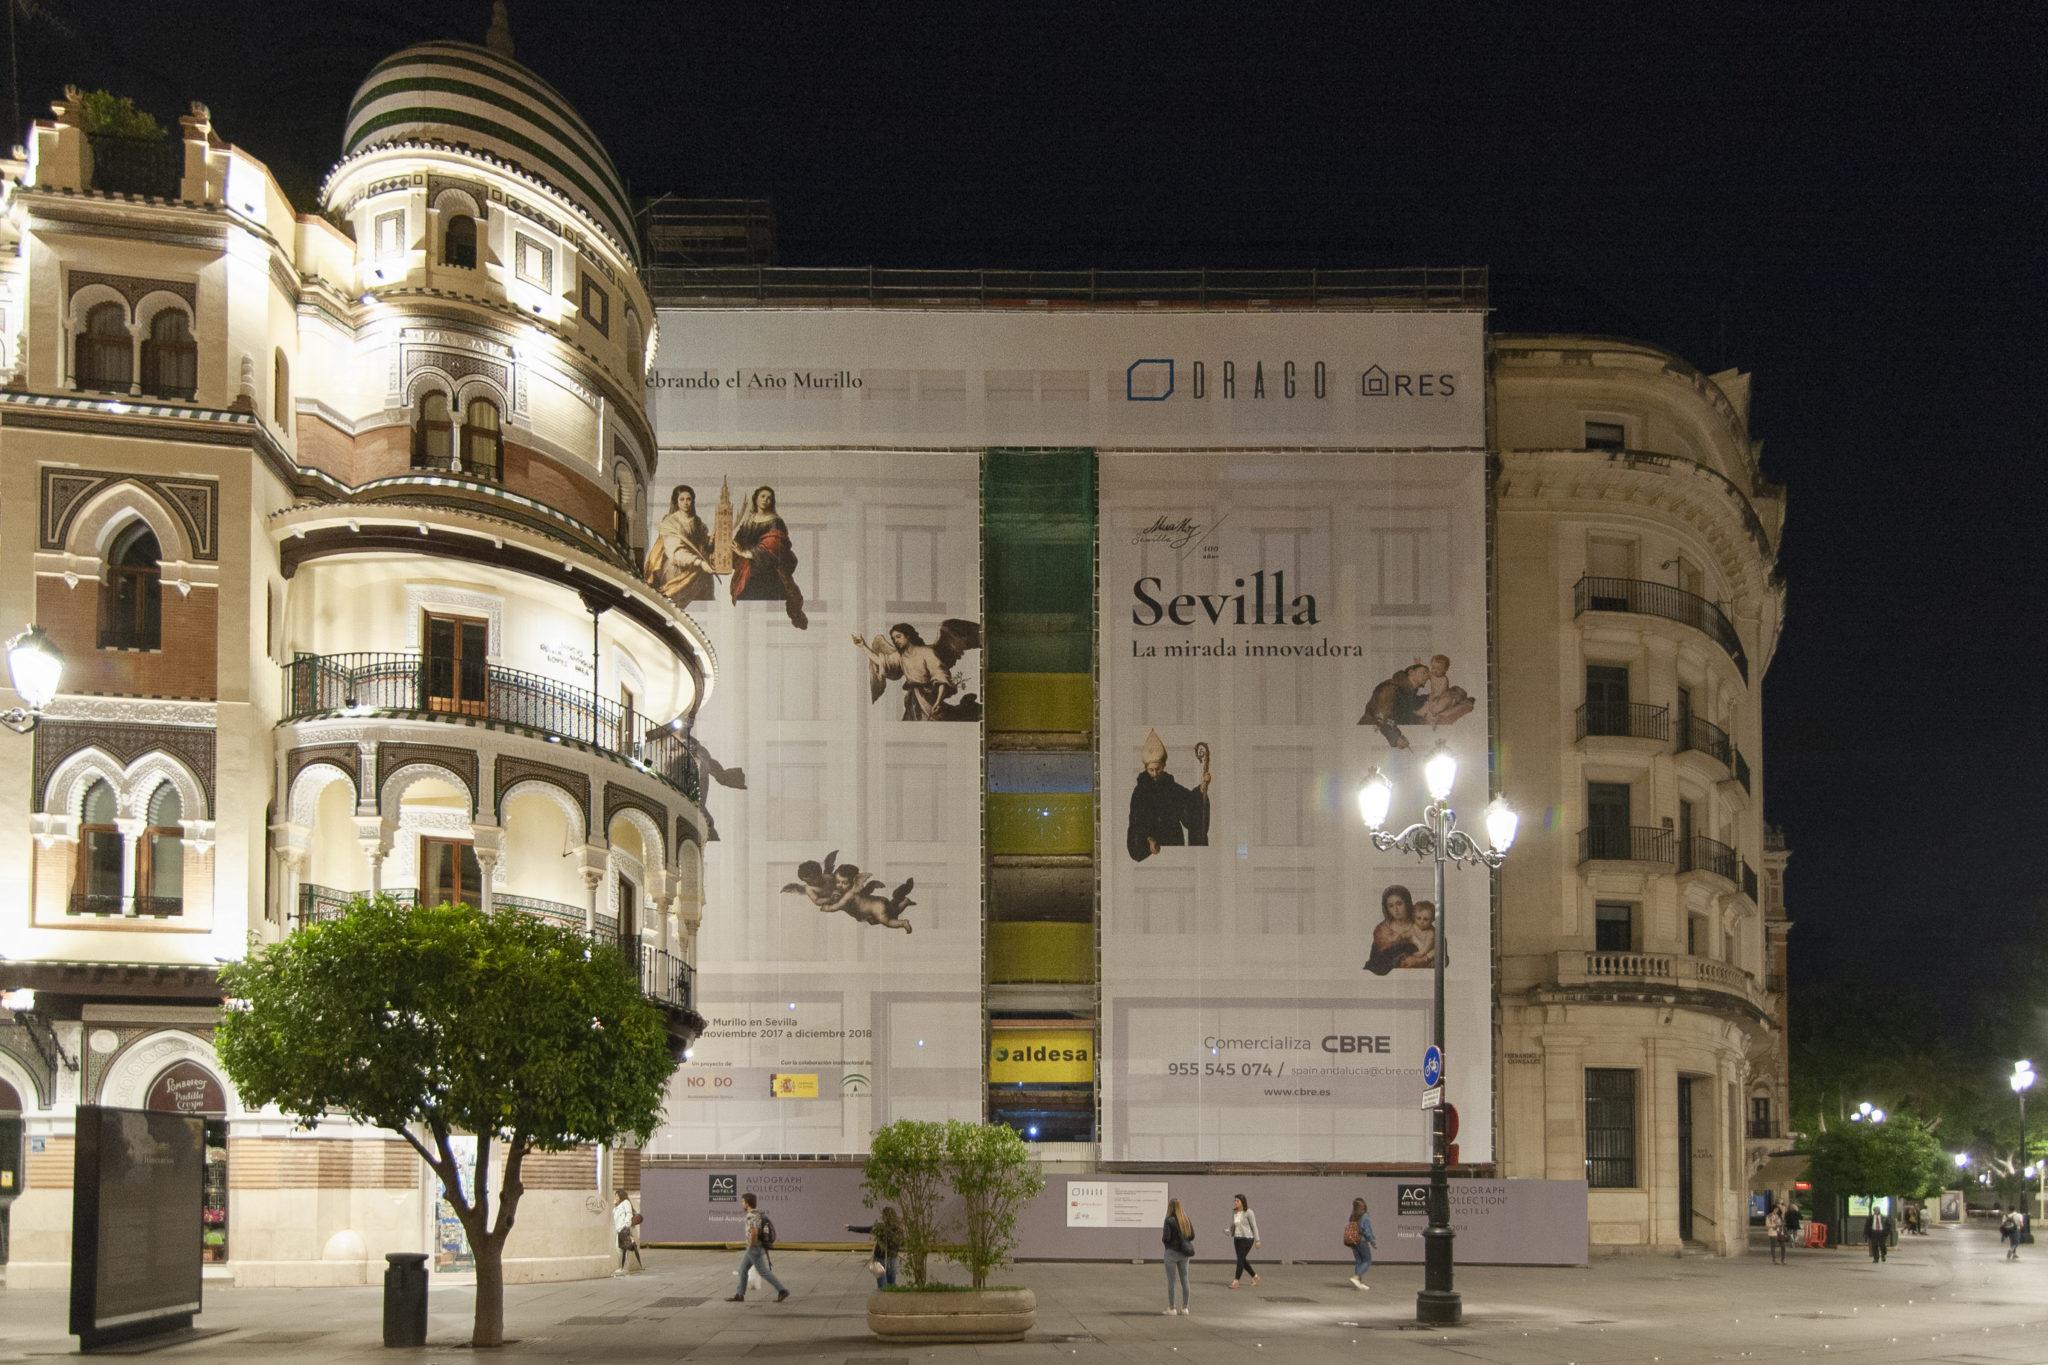 2018.05 Edificio Drago Avda. de la Constitución - Sevilla, año murillo (1)